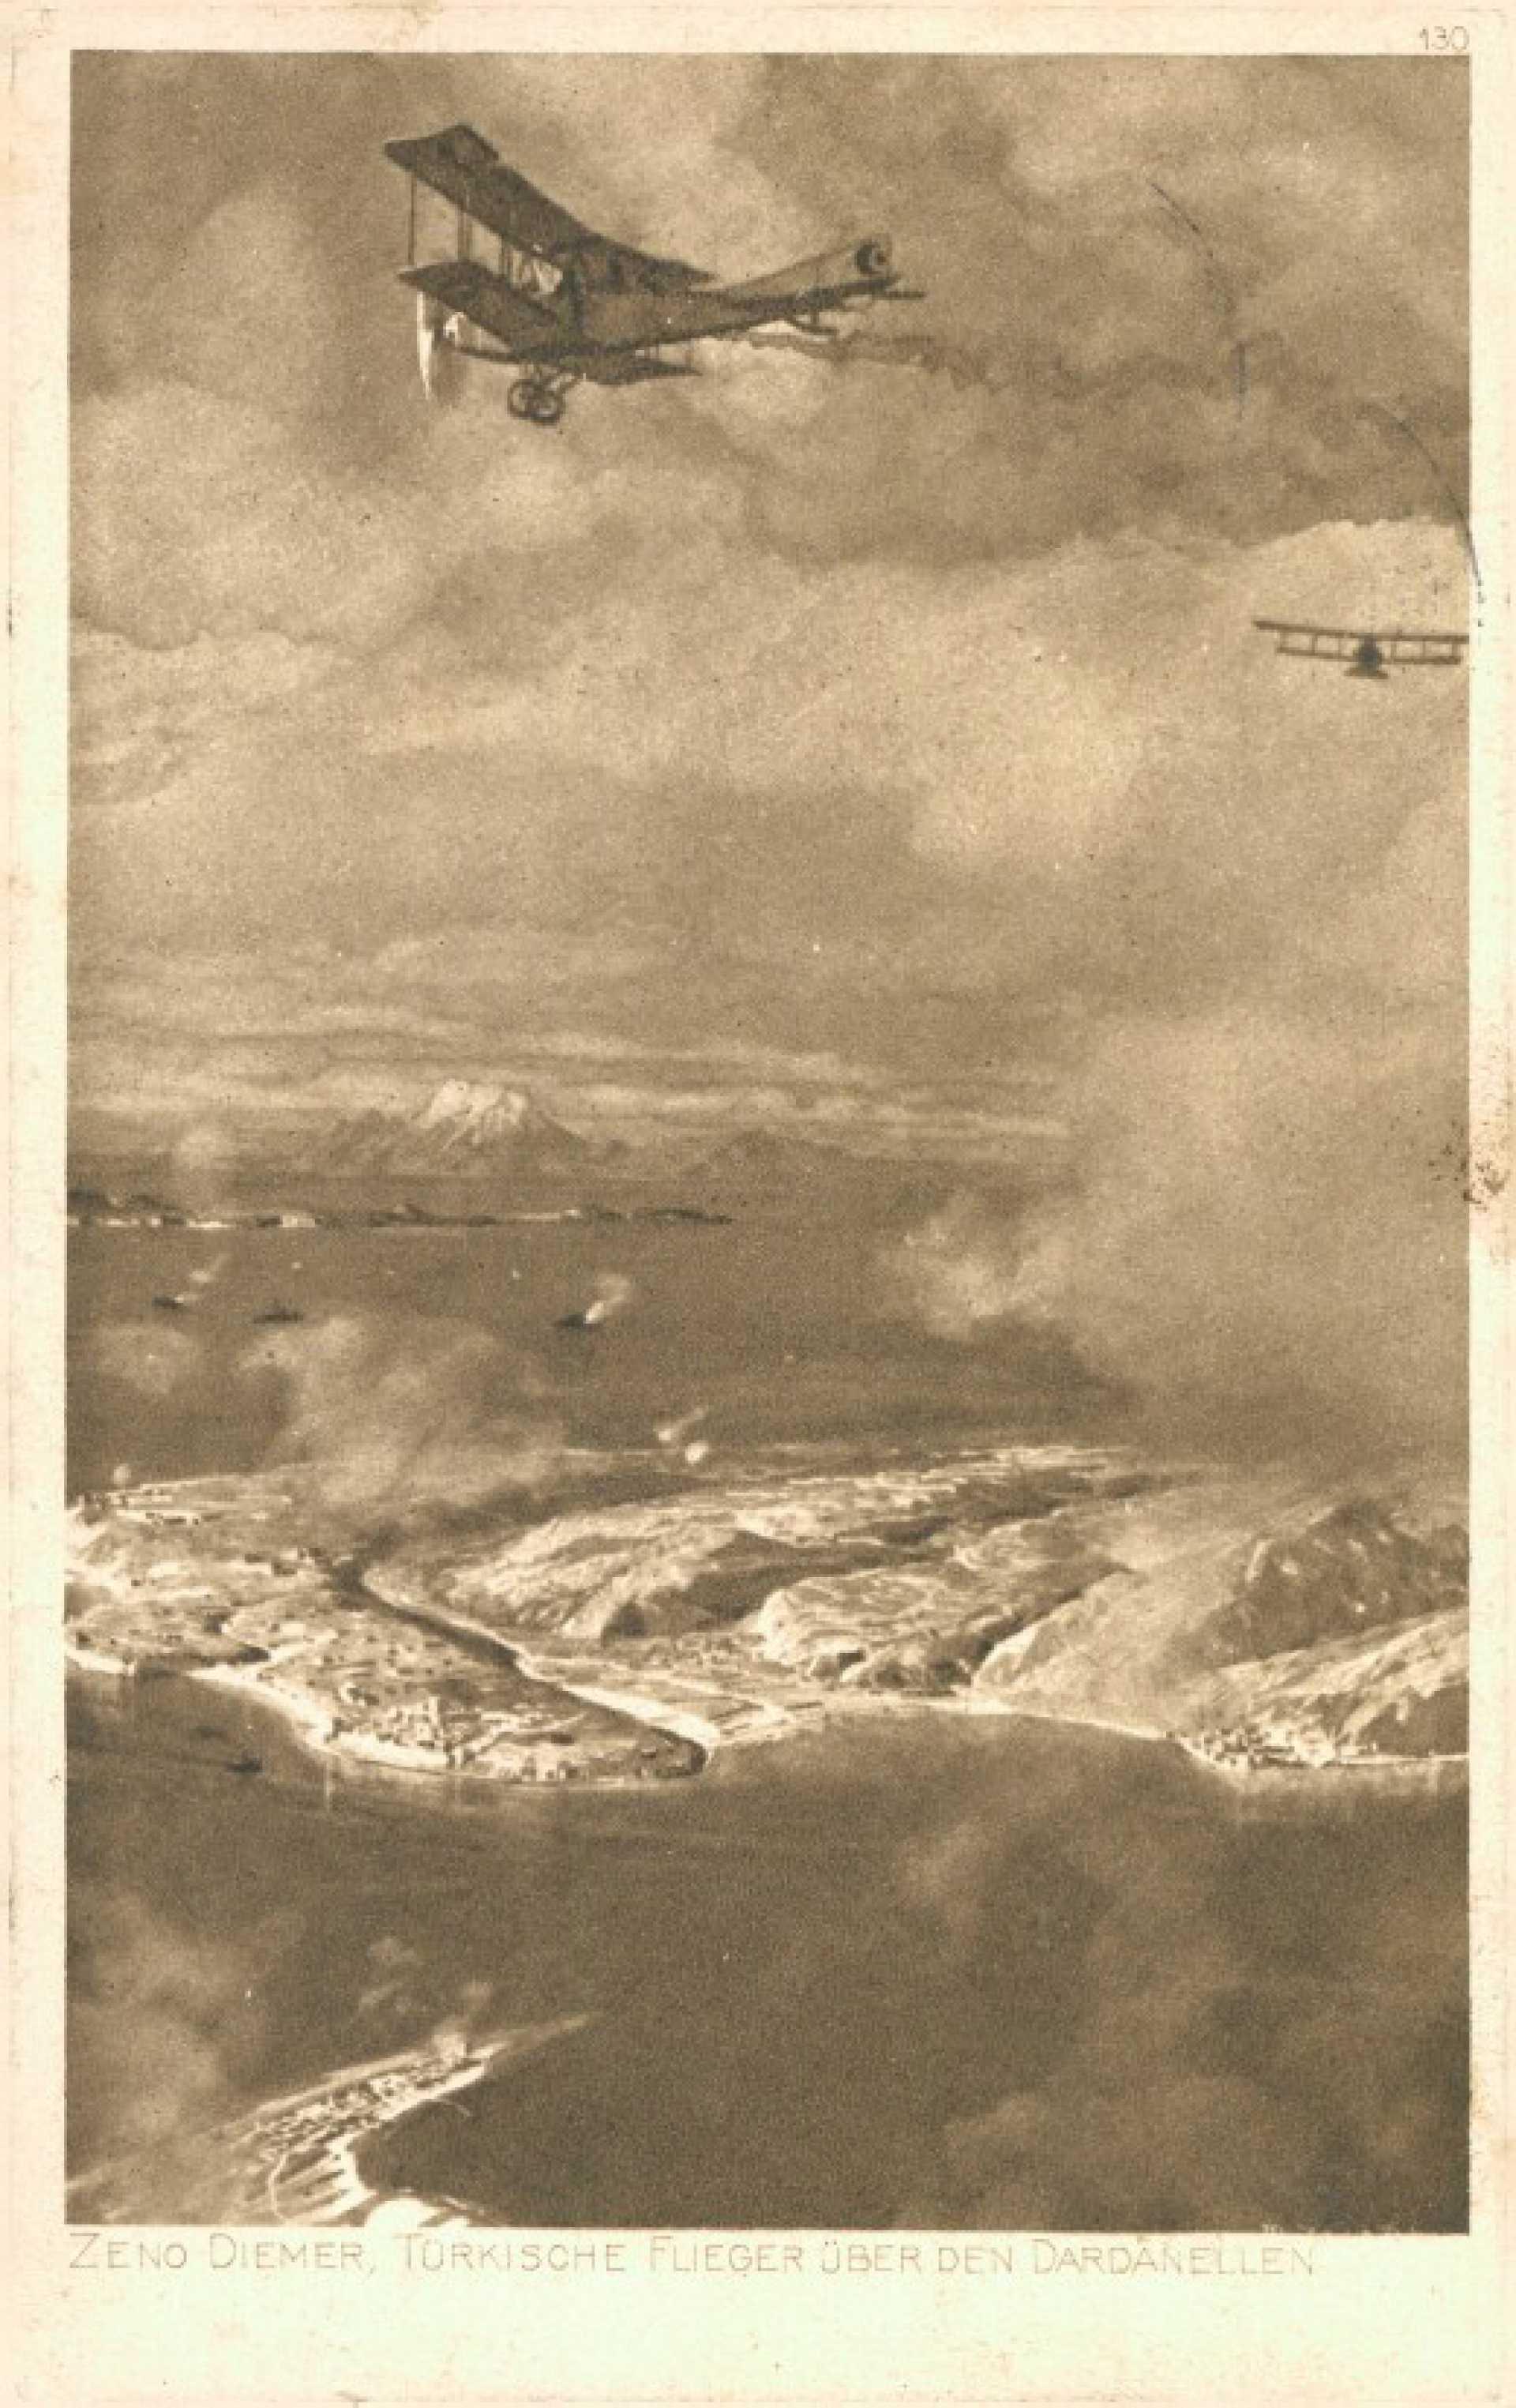 Zeno diemer. türkische flieger über den Dardanellen